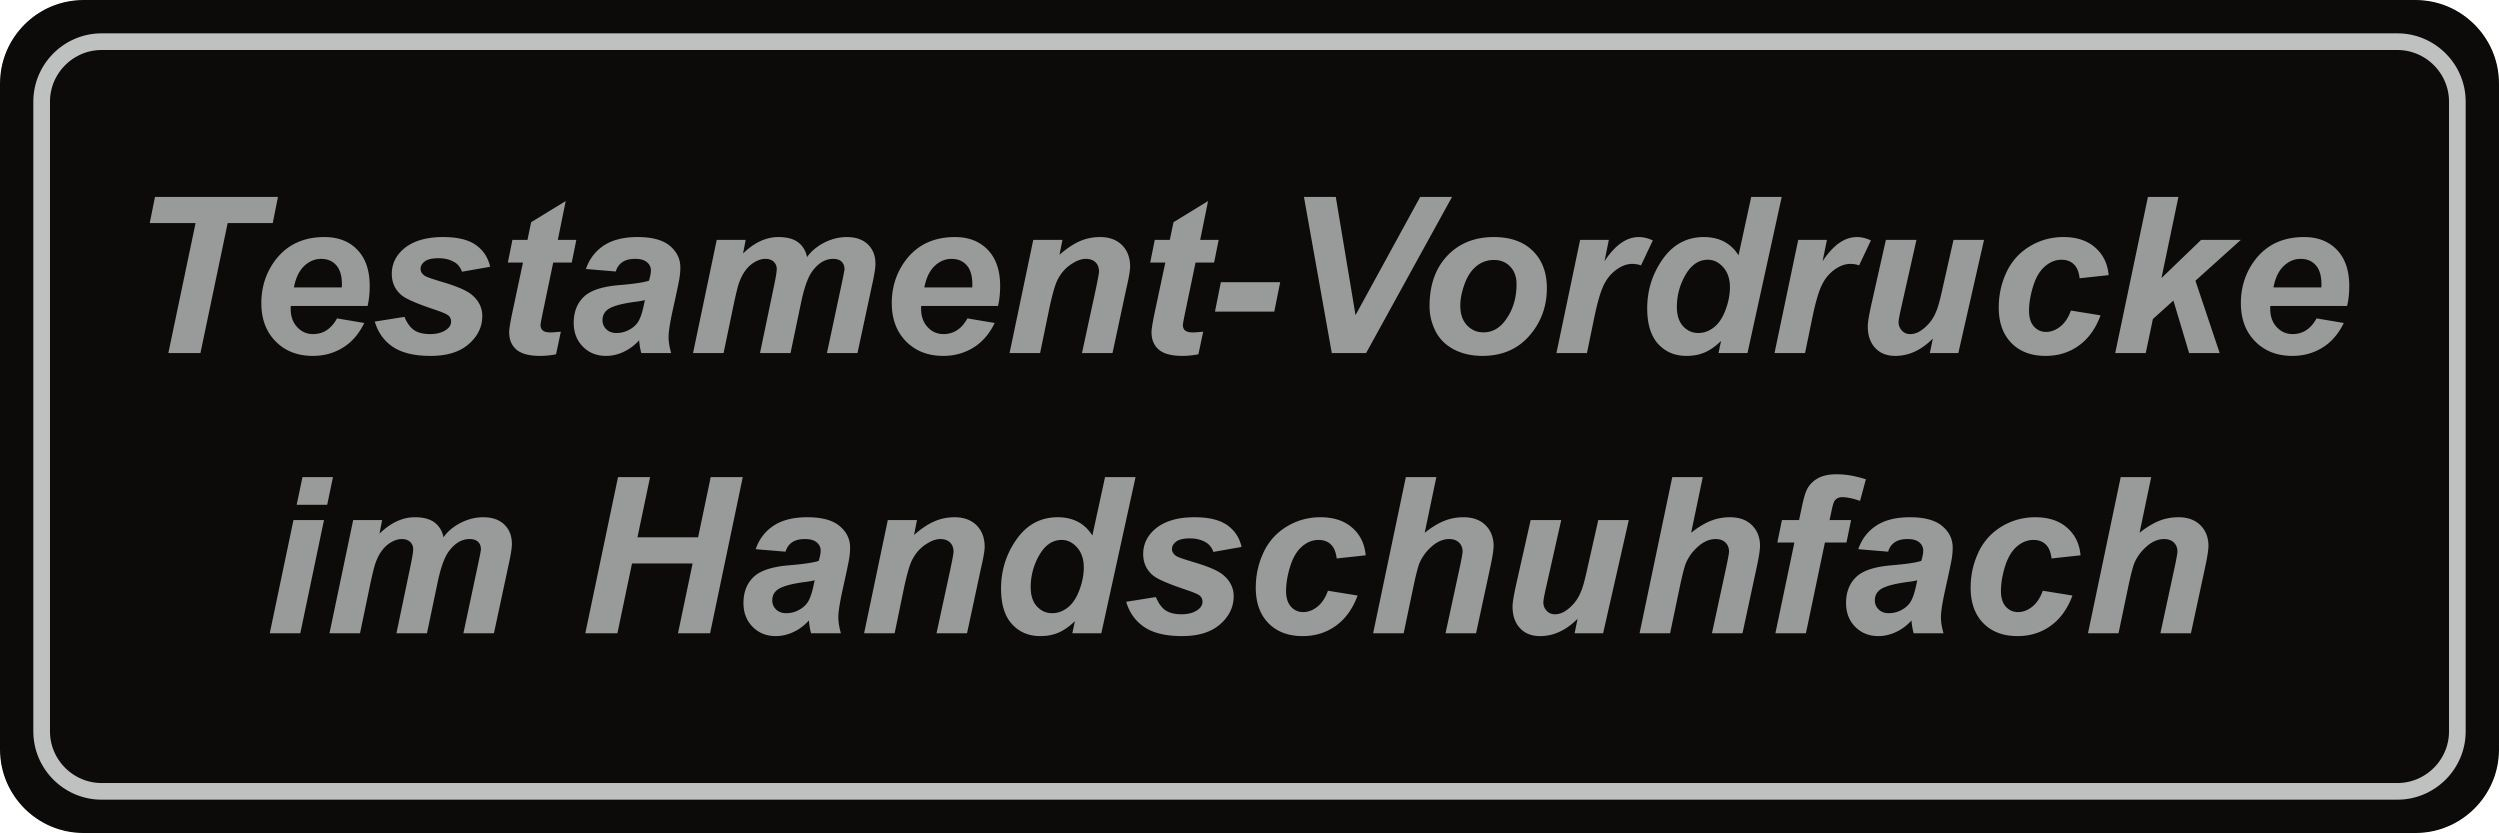 Sticker Testament-Vordrucke im Handschuhfach dimension 25 x 75 mm – Bild 1